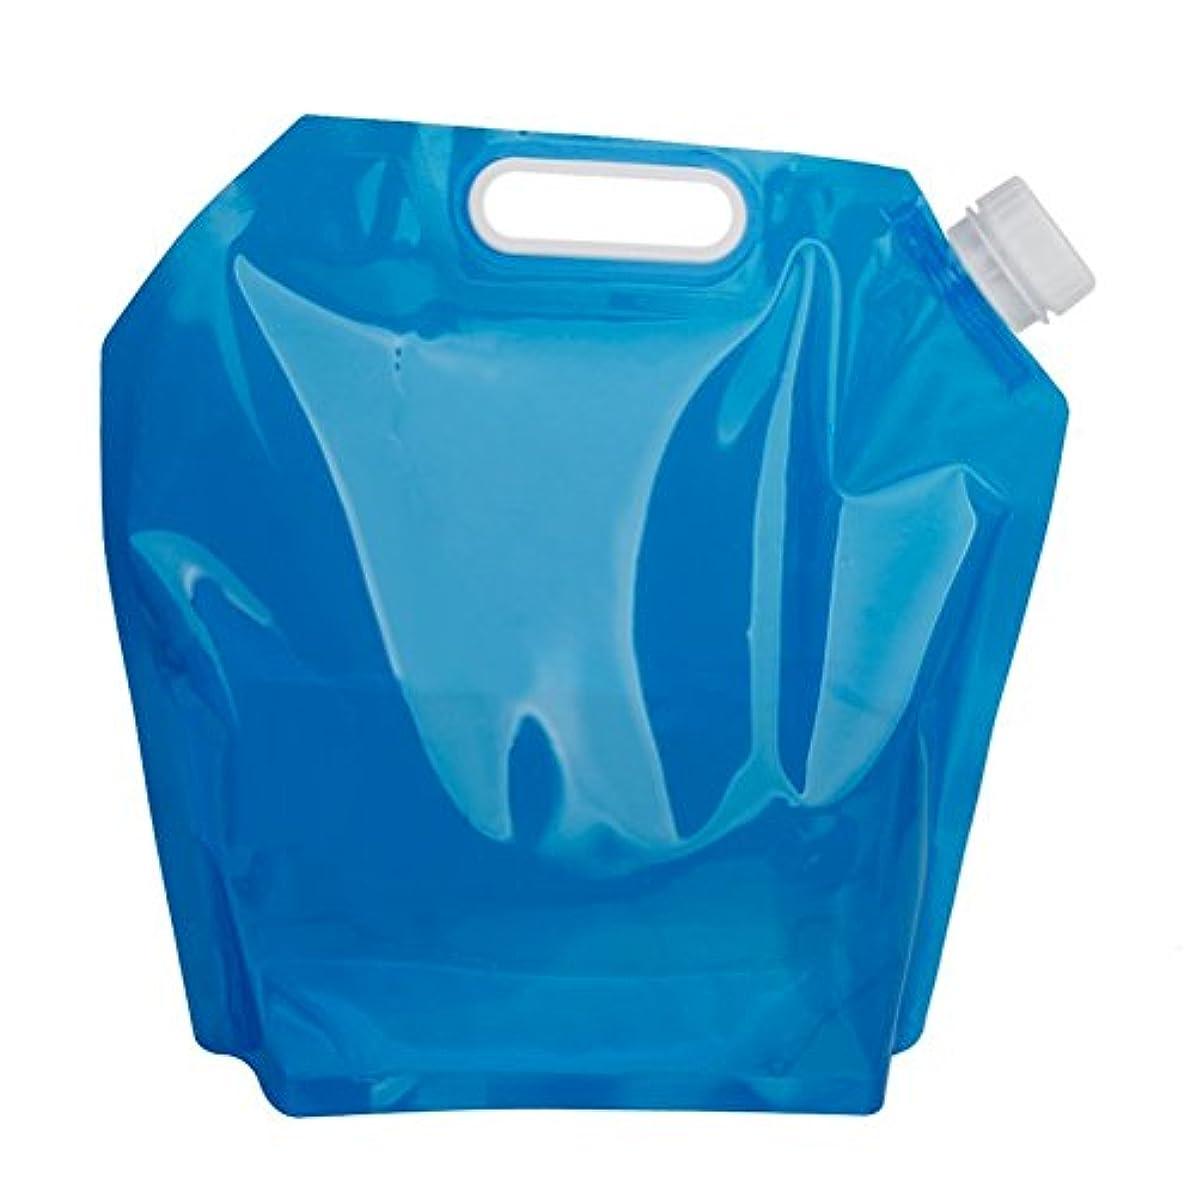 参照するエンドテーブル料理ROSENICE 飲料水バッグ 5L(ブルー)